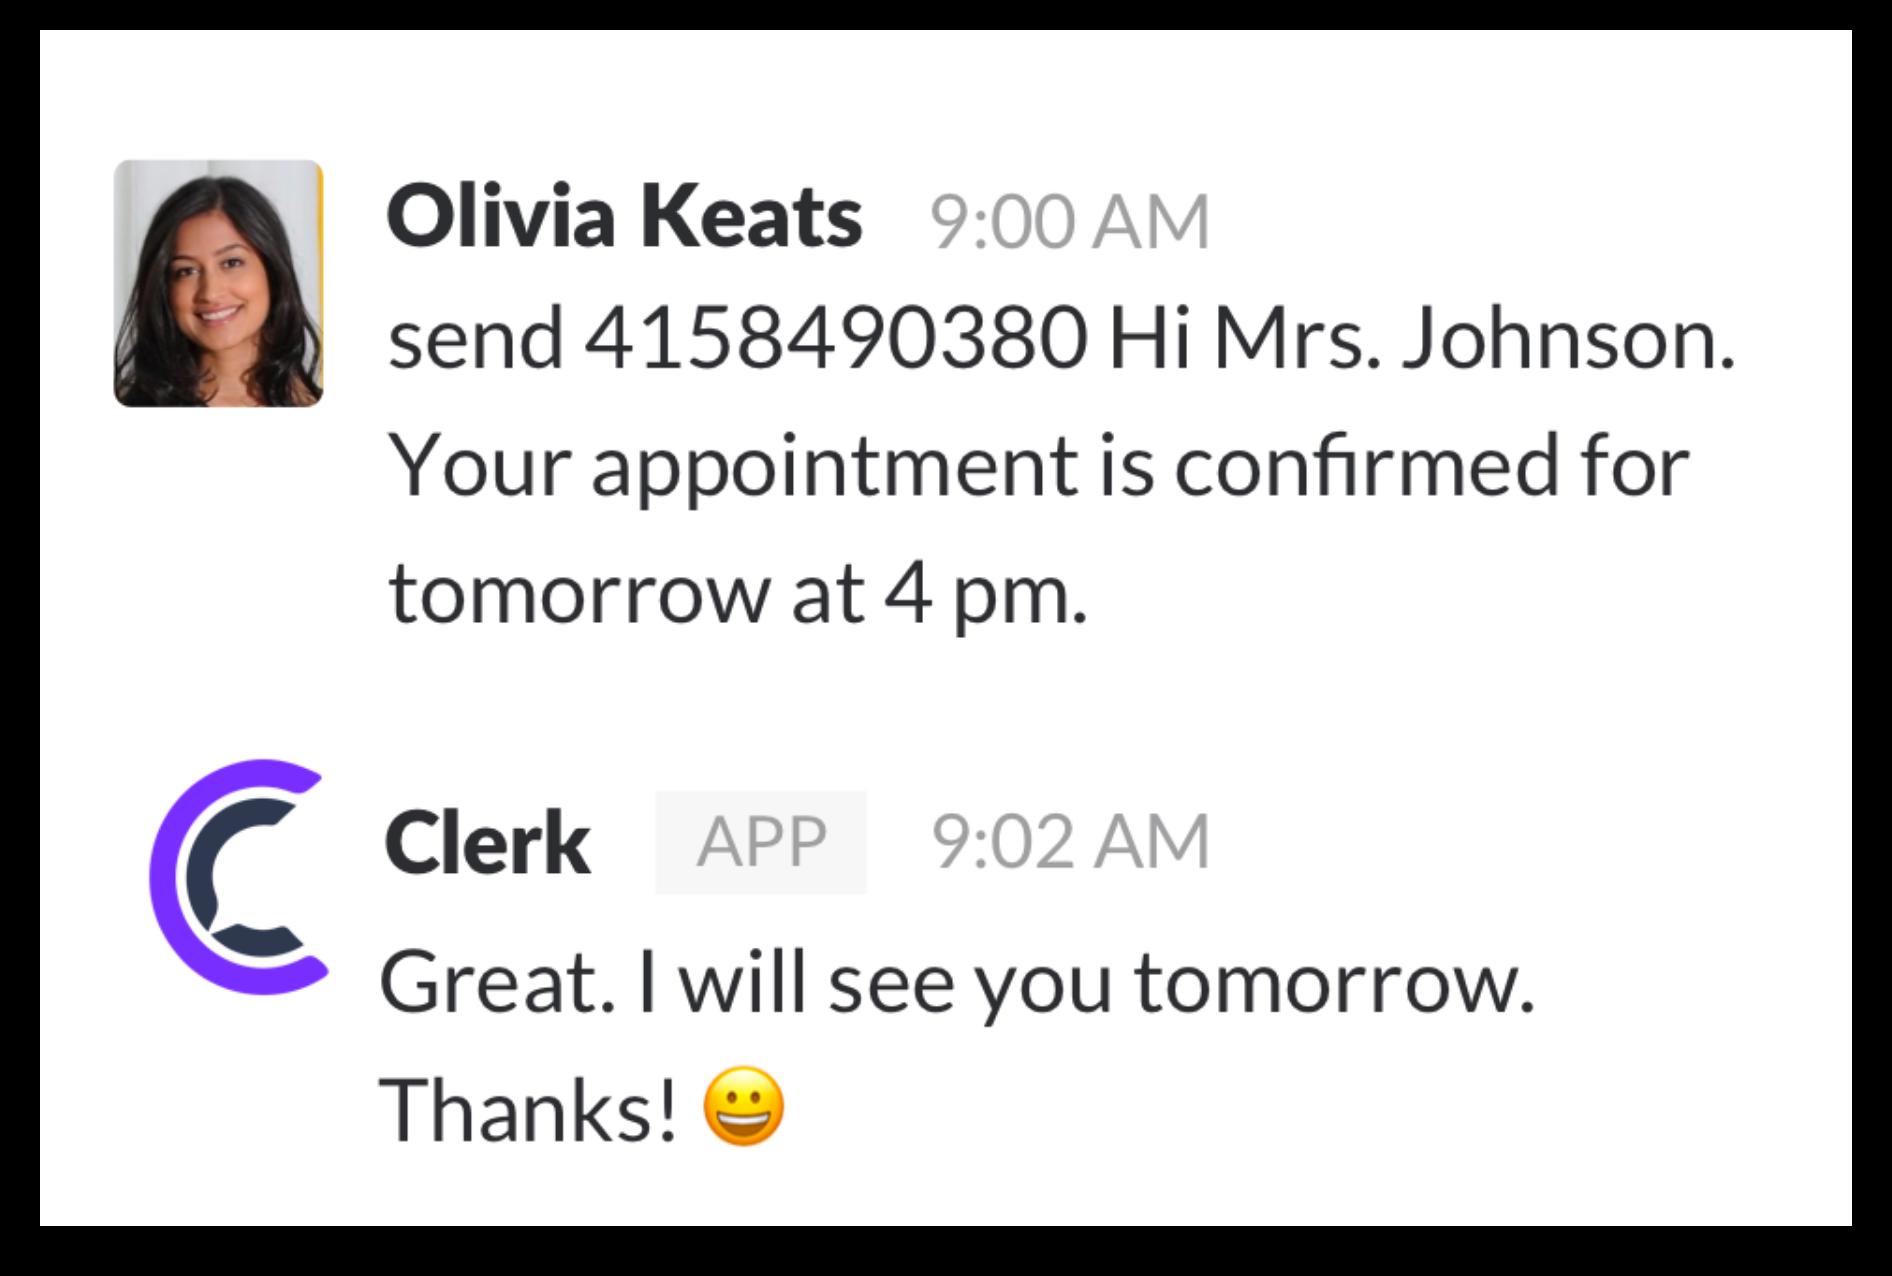 Clerk app